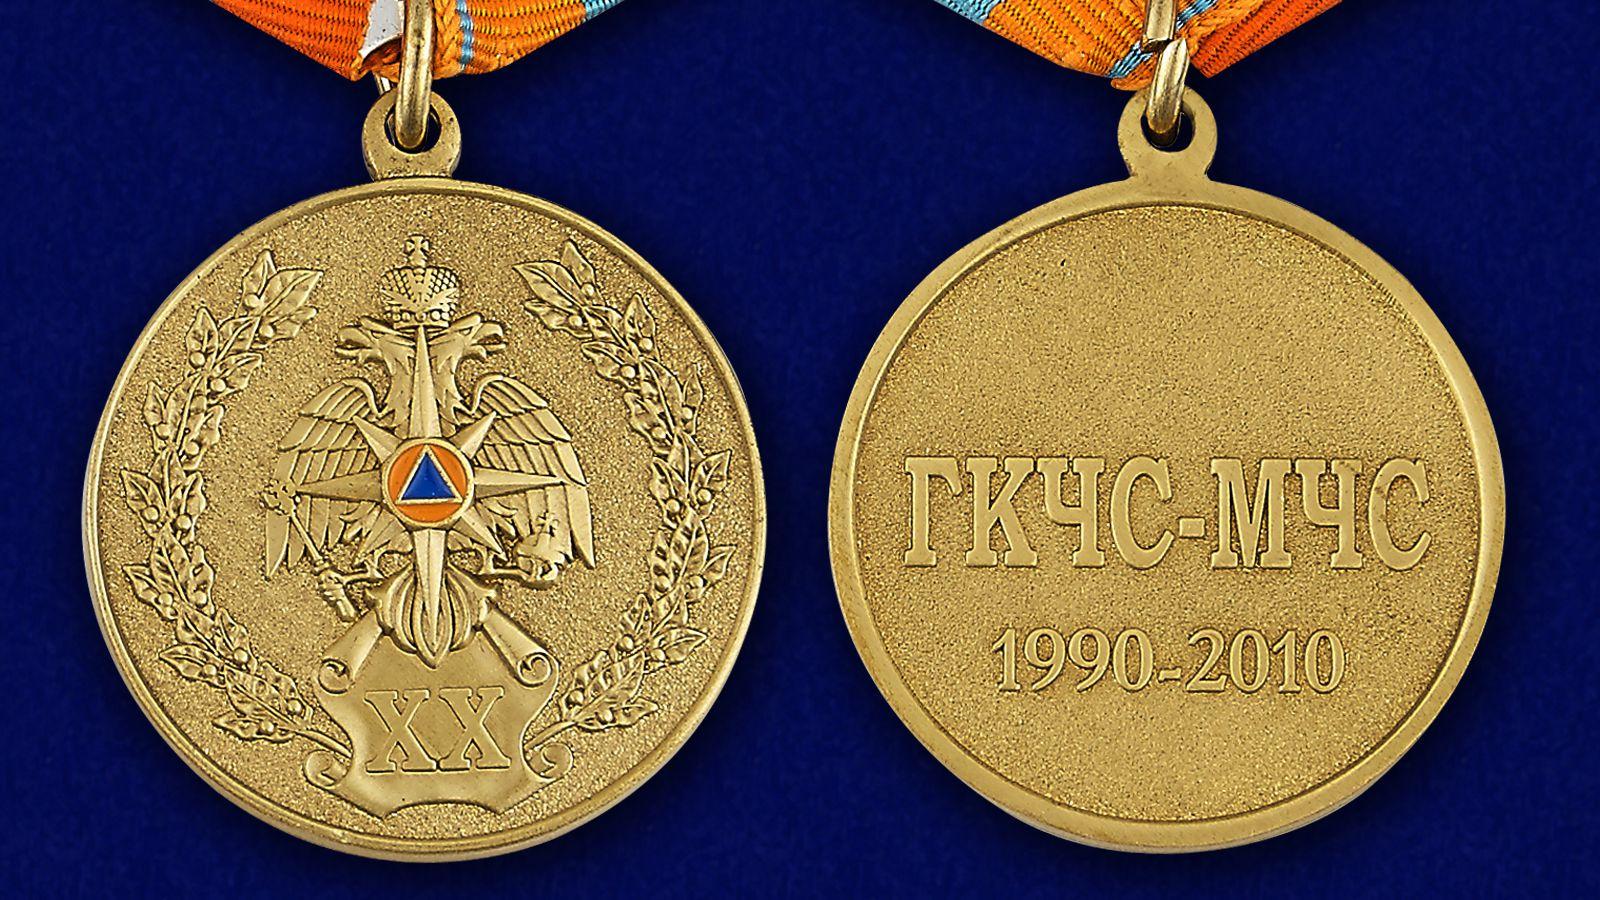 Медаль к 20-летию ГКЧС-МЧС в бархатистом футляре с пластиковой крышкой - аверс и реверс